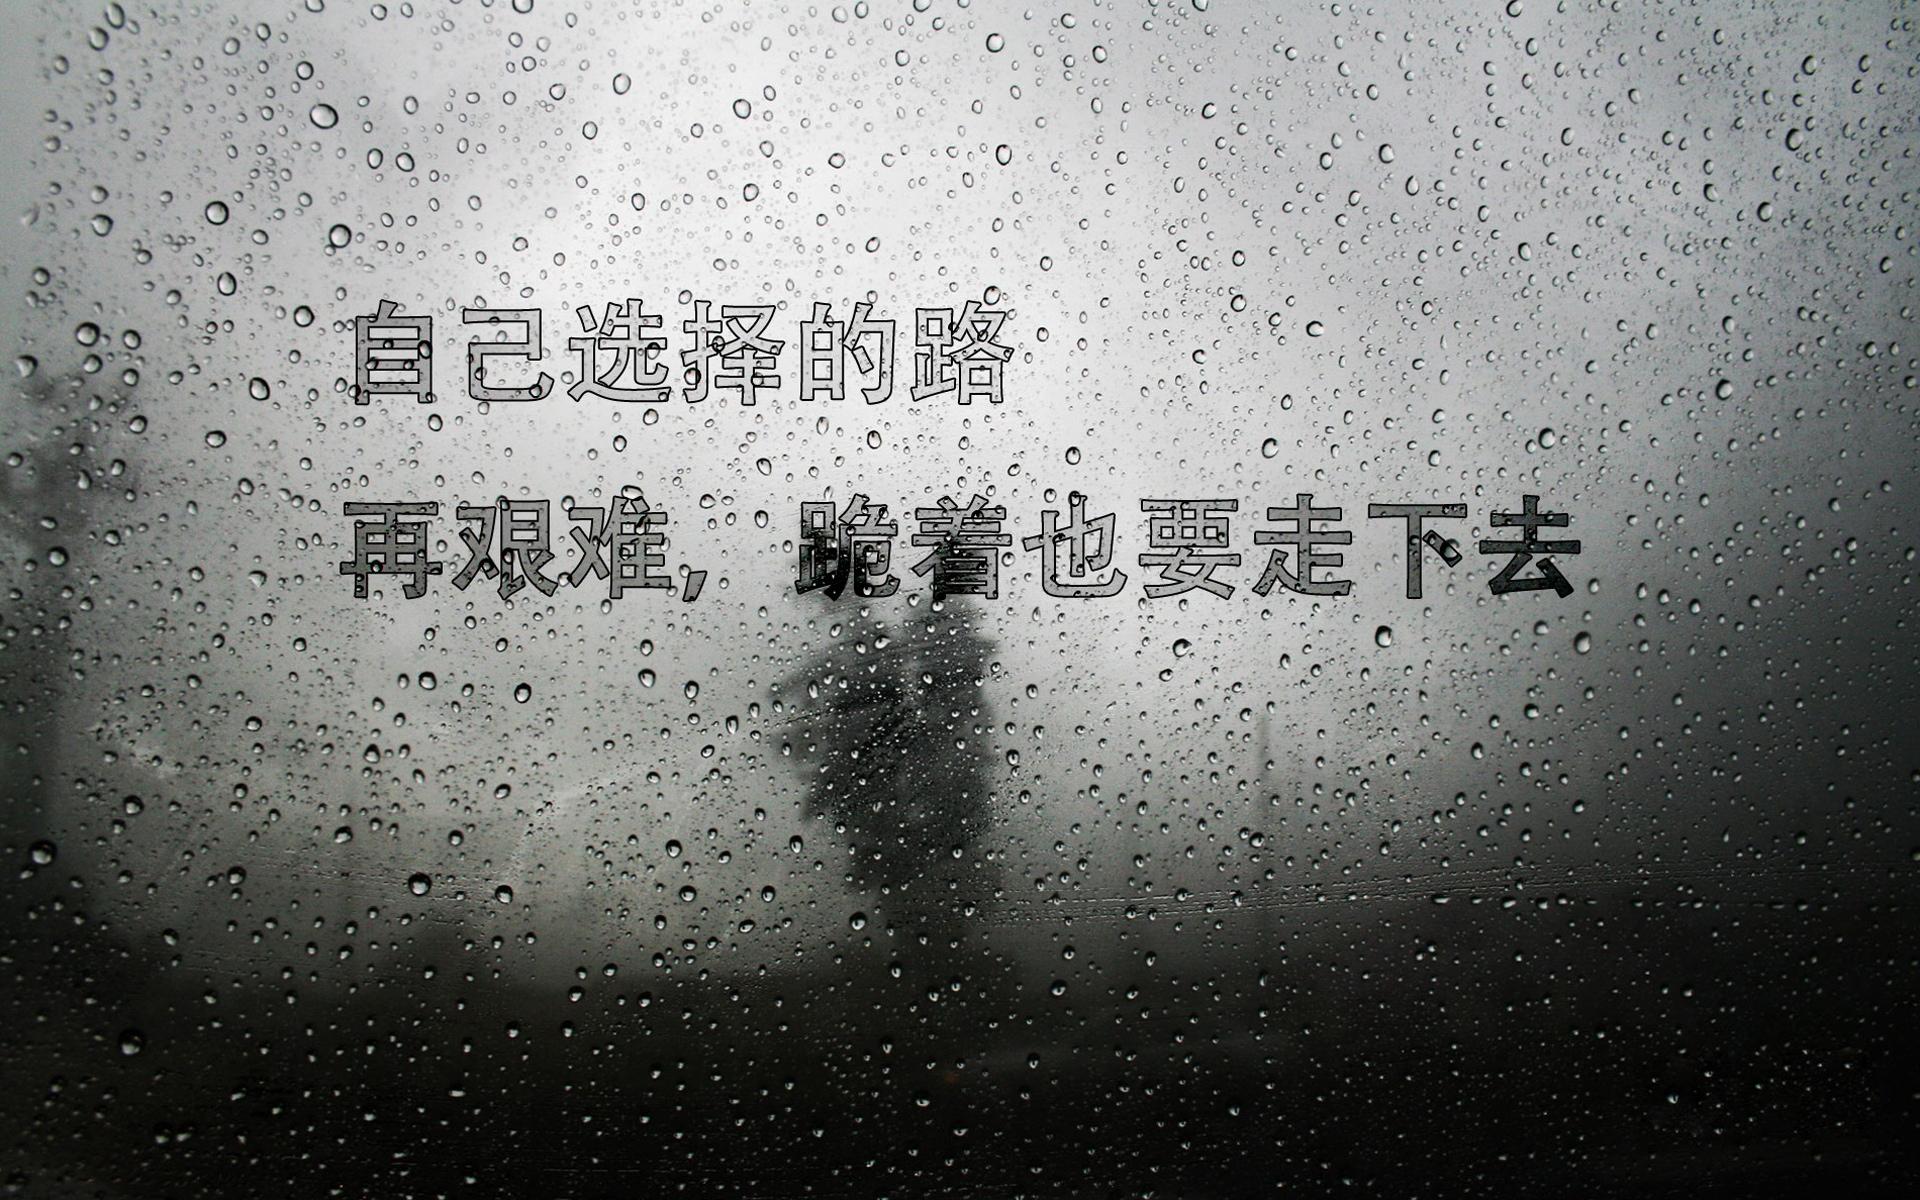 励志文字简约宽屏壁纸 图片 991k 1920x1200